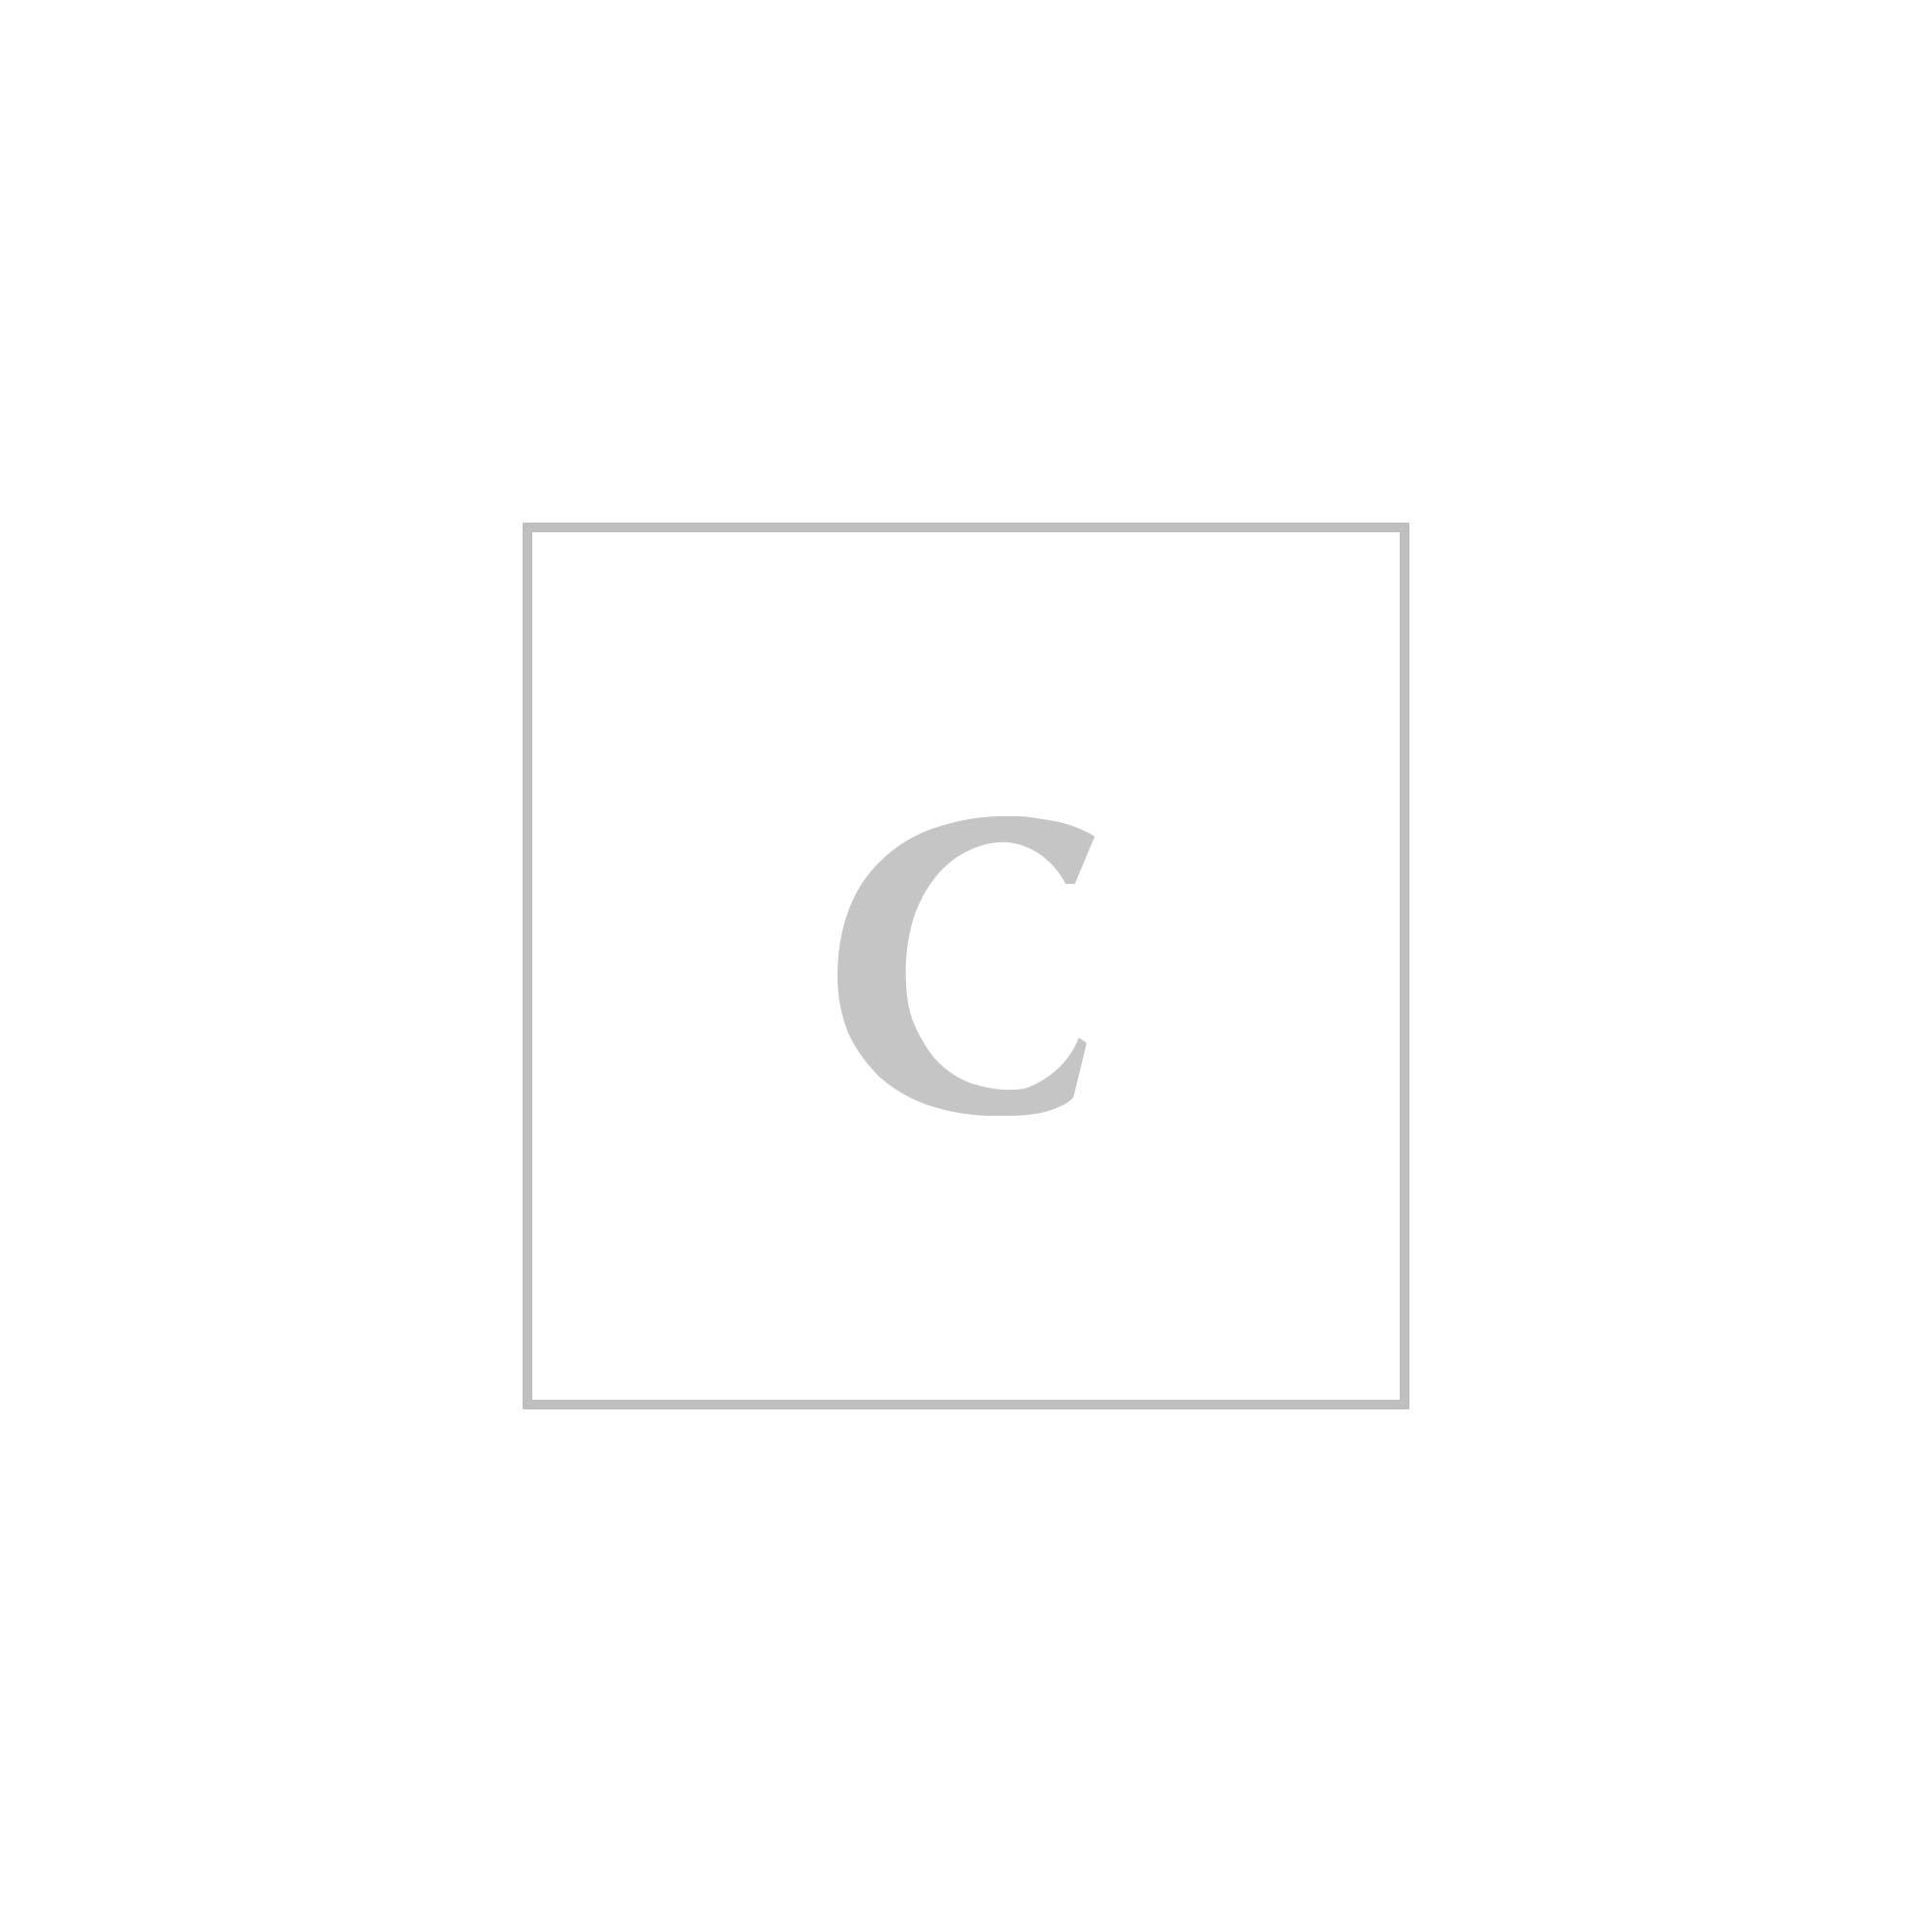 Prada abito cloque' ibiscus